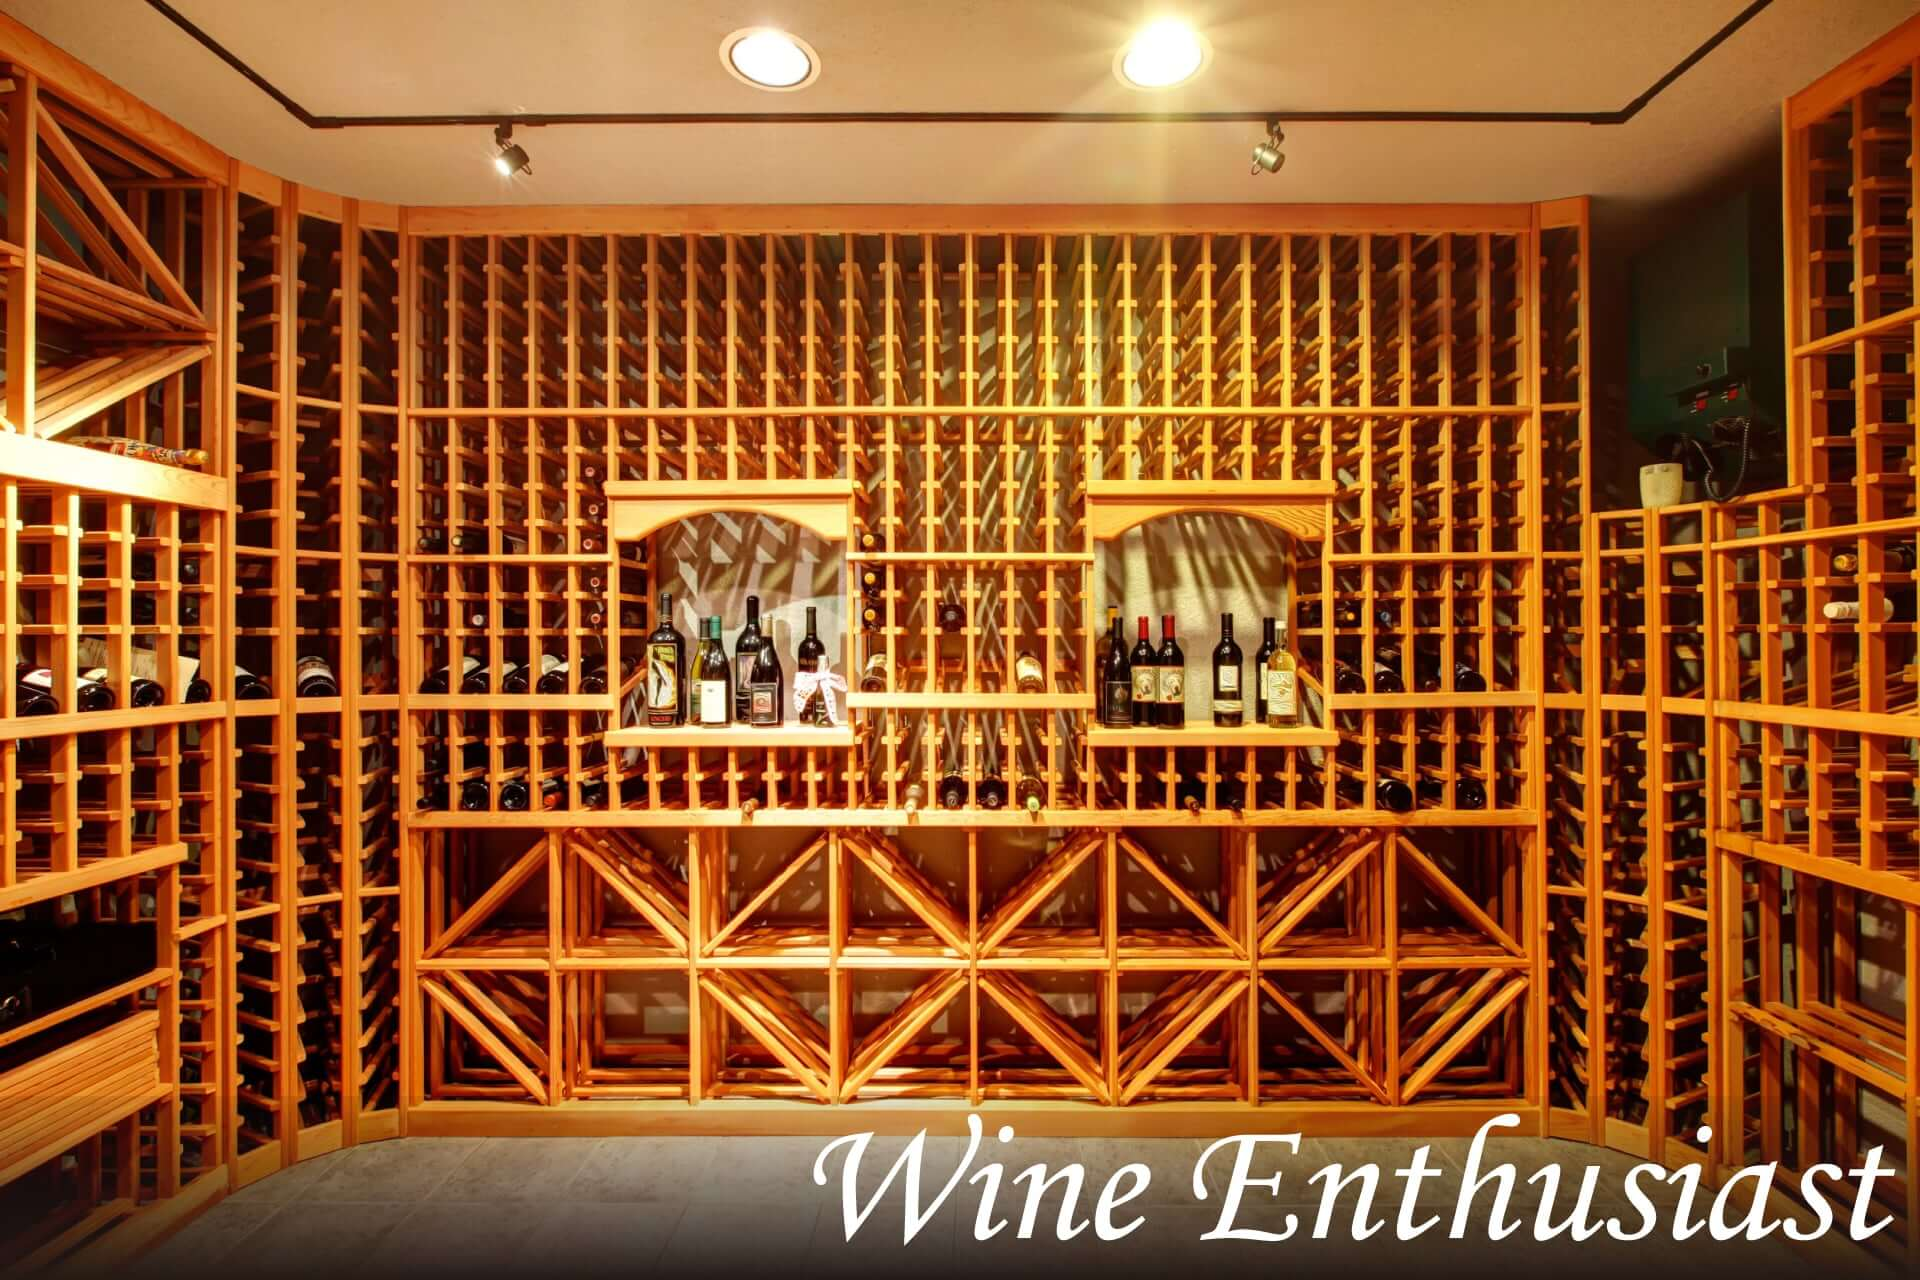 ワイン・エンスージアスト誌で高得点を獲得した!3000円台中心のおすすめワインのメインビジュアル画像